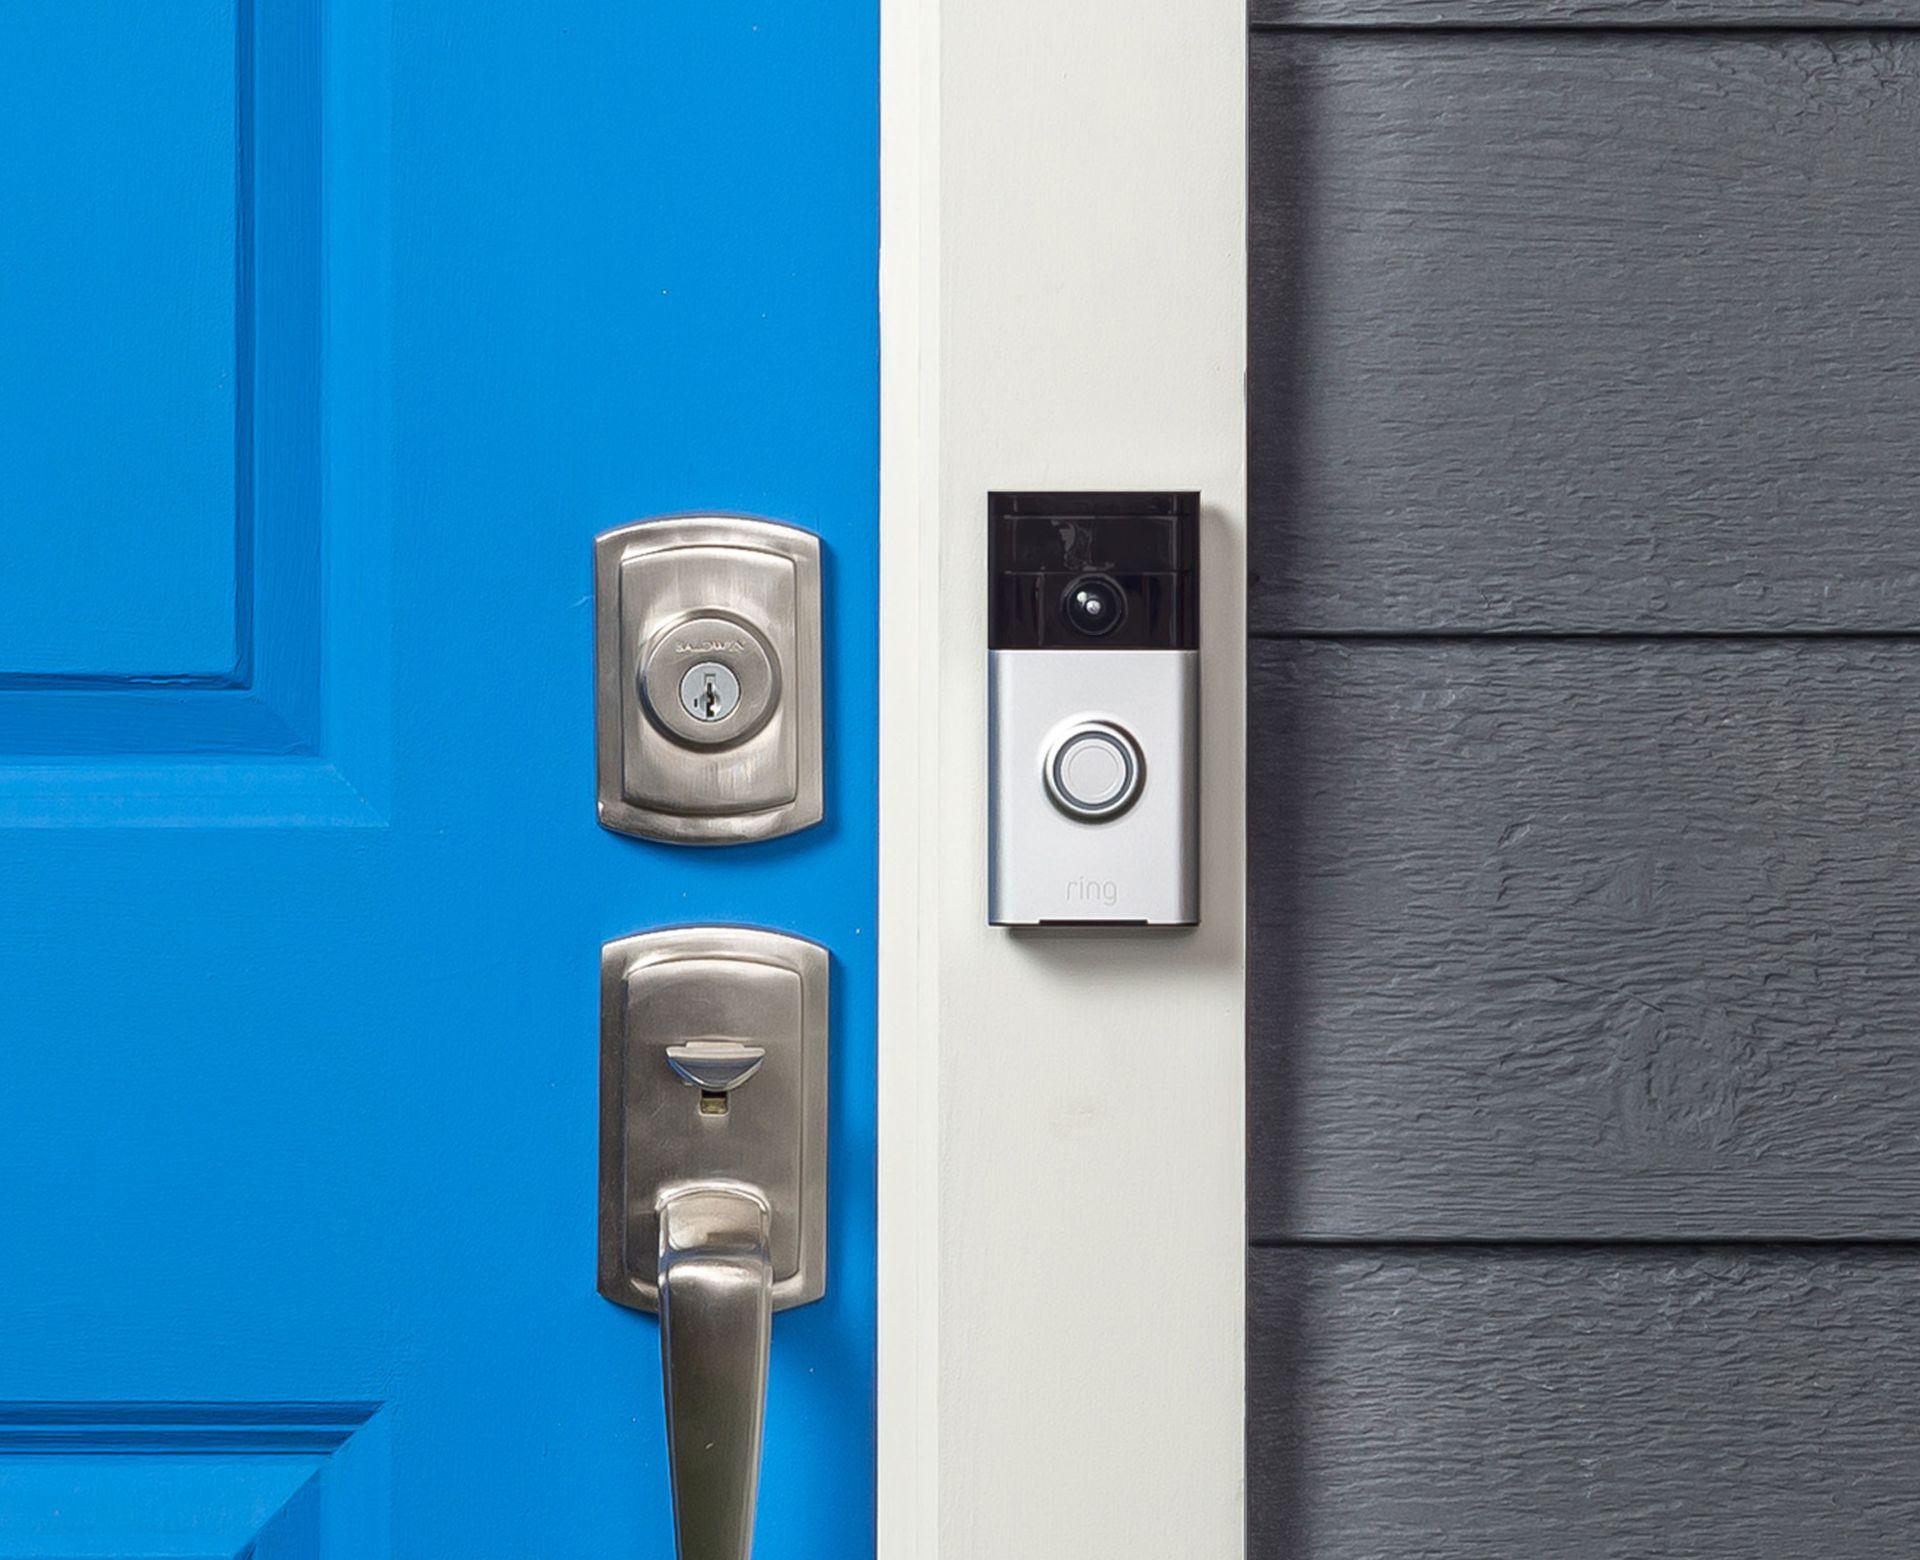 Video Doorbells: Say Hello to Your Virtual Doorman